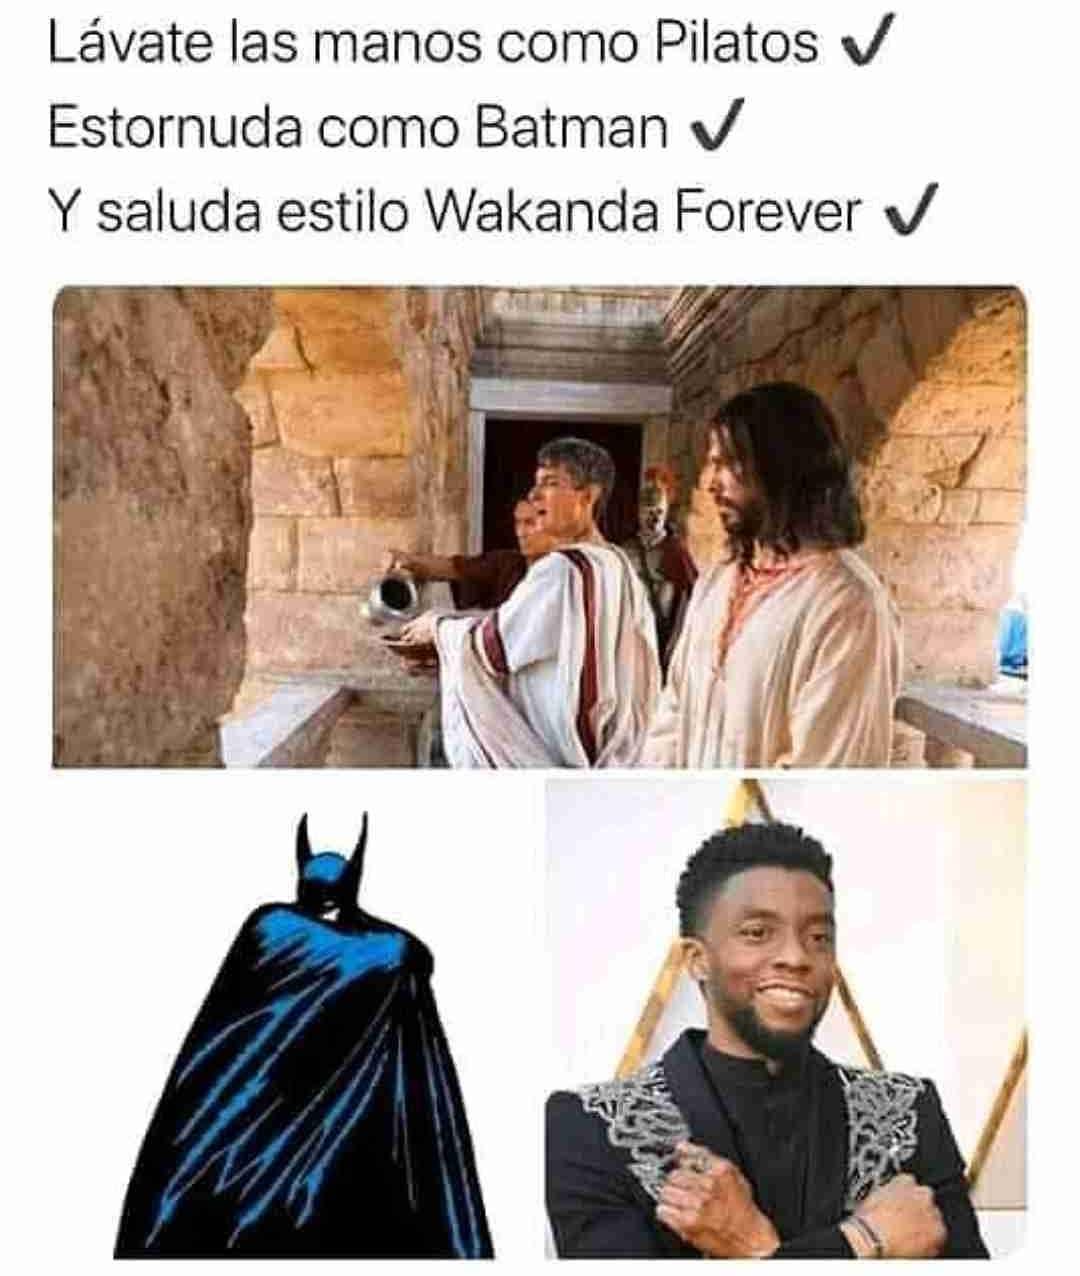 Lávate las manos como Pilatos.  Estornuda como Batman.  Y saluda estilo Wakanda Forever.